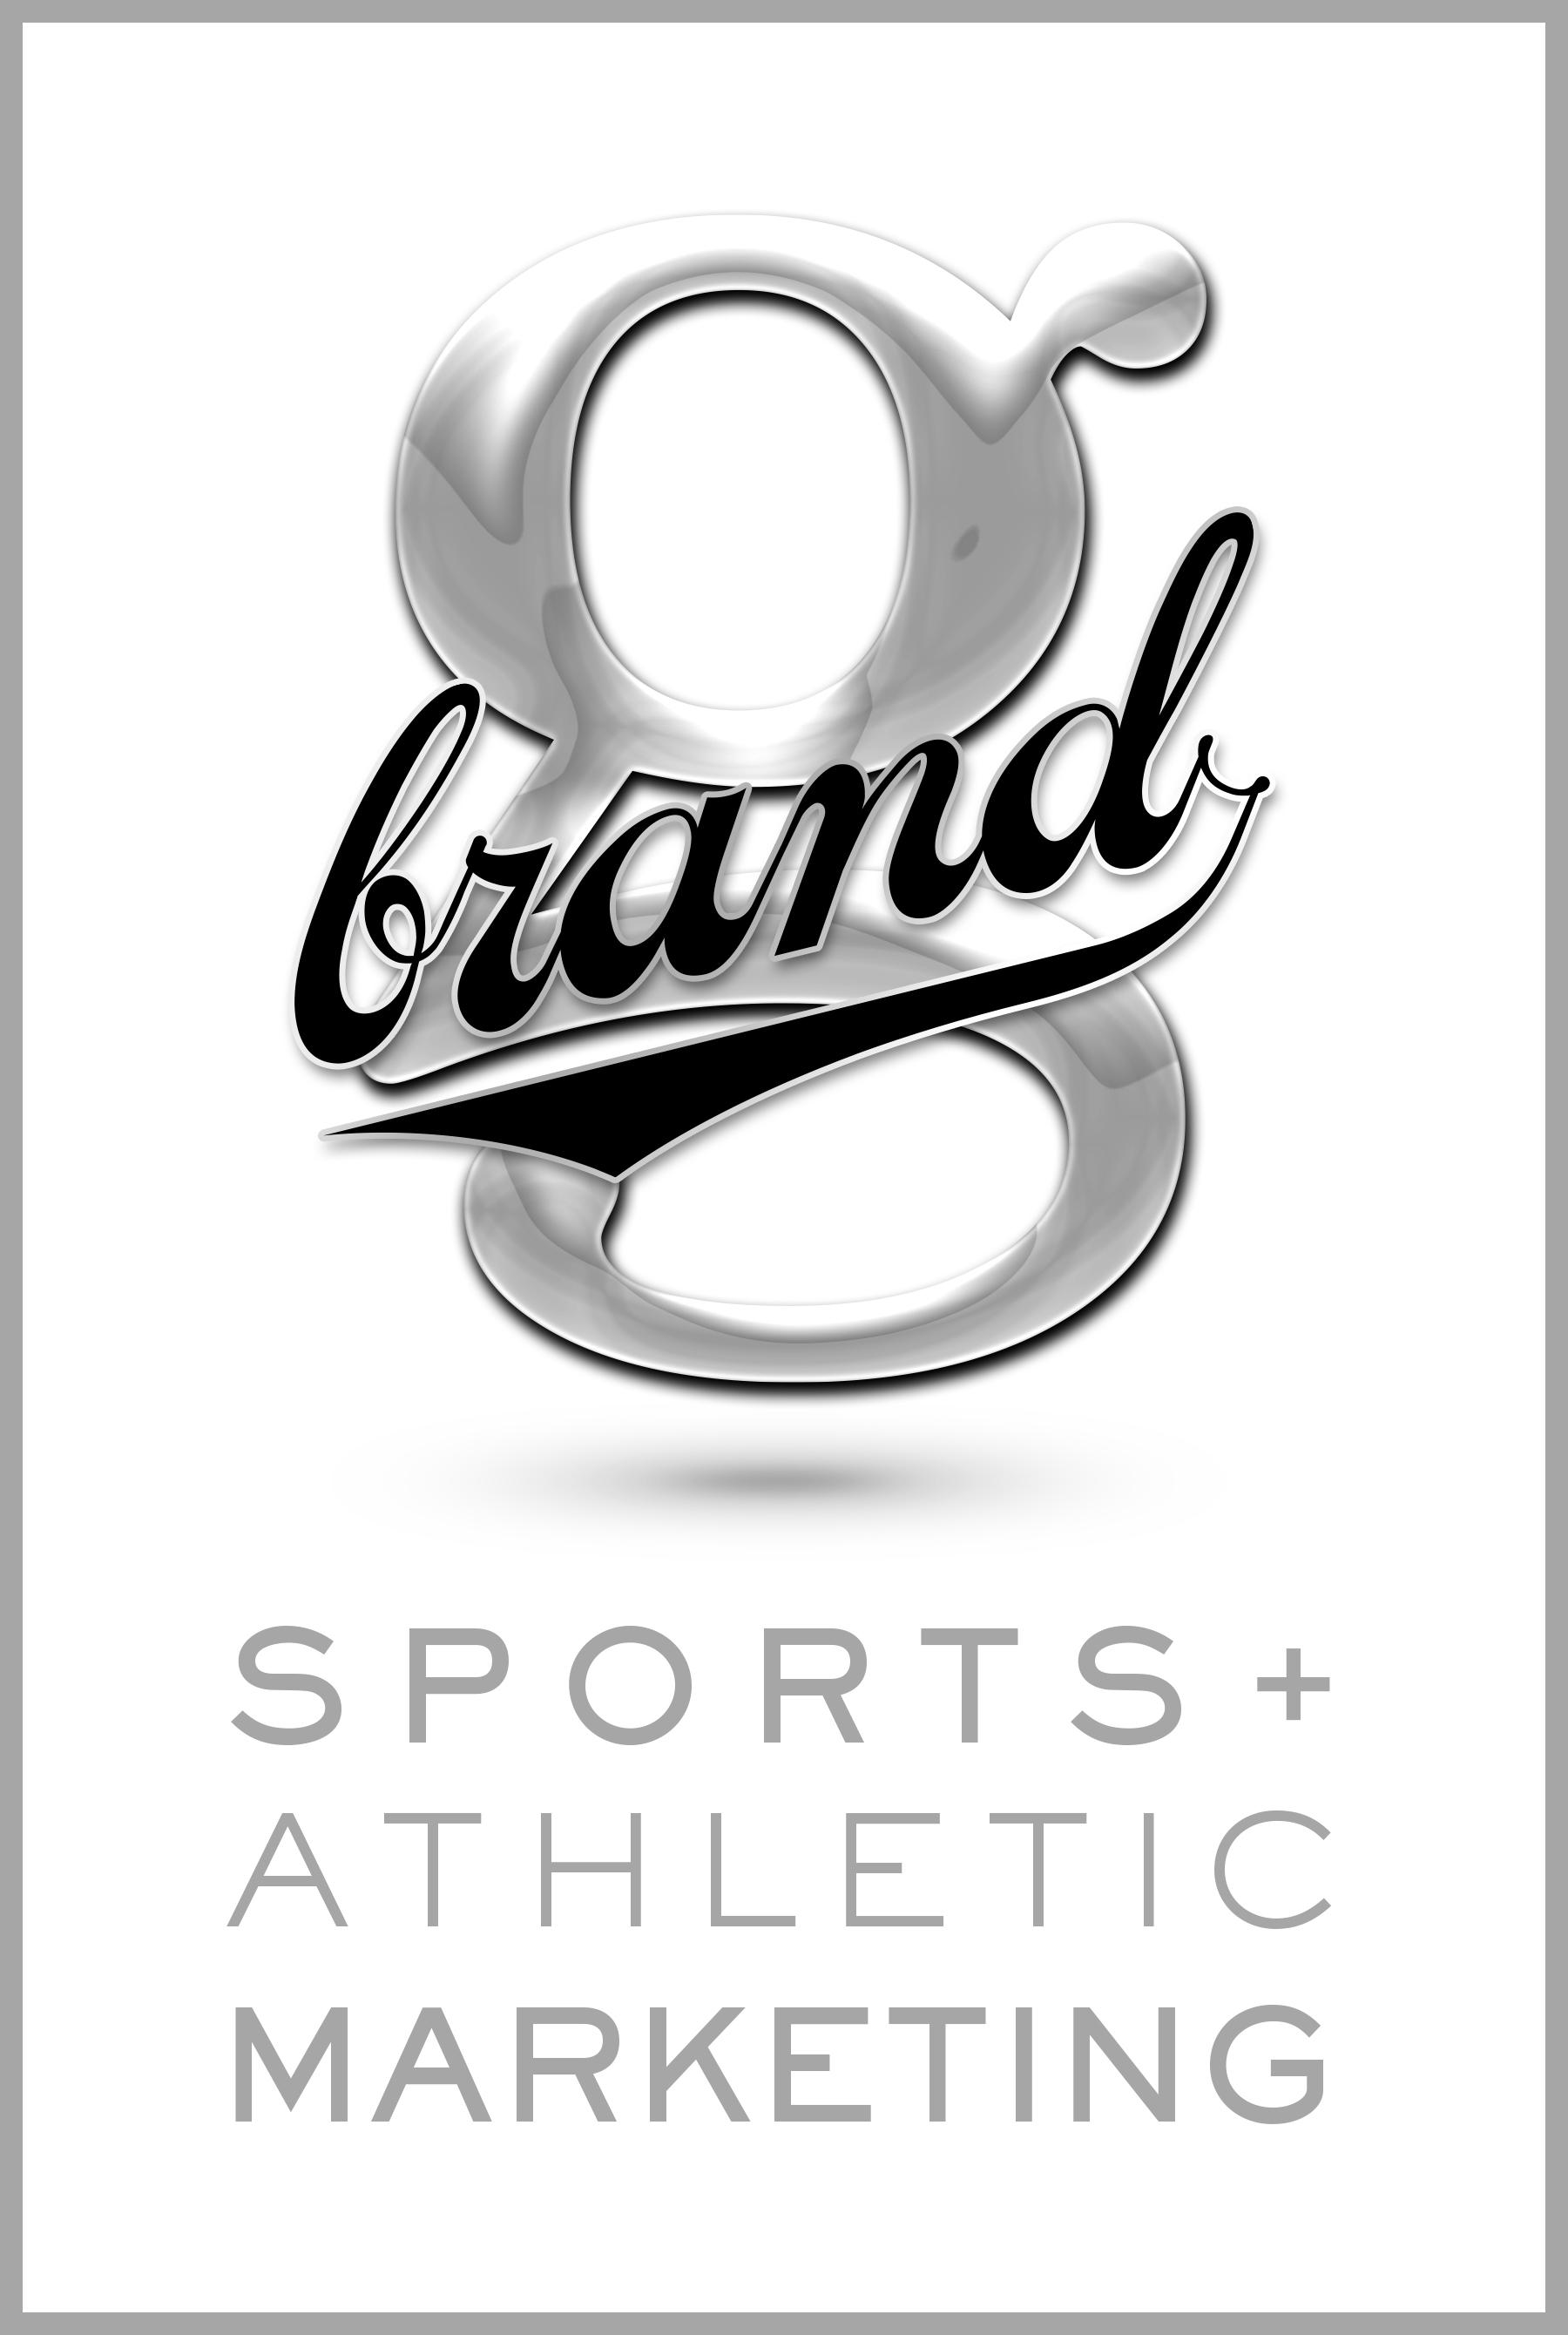 Brand G Athletc [v5] Banner by Graham Hnedak Brand G Creative 22 SEPT 2016.jpg